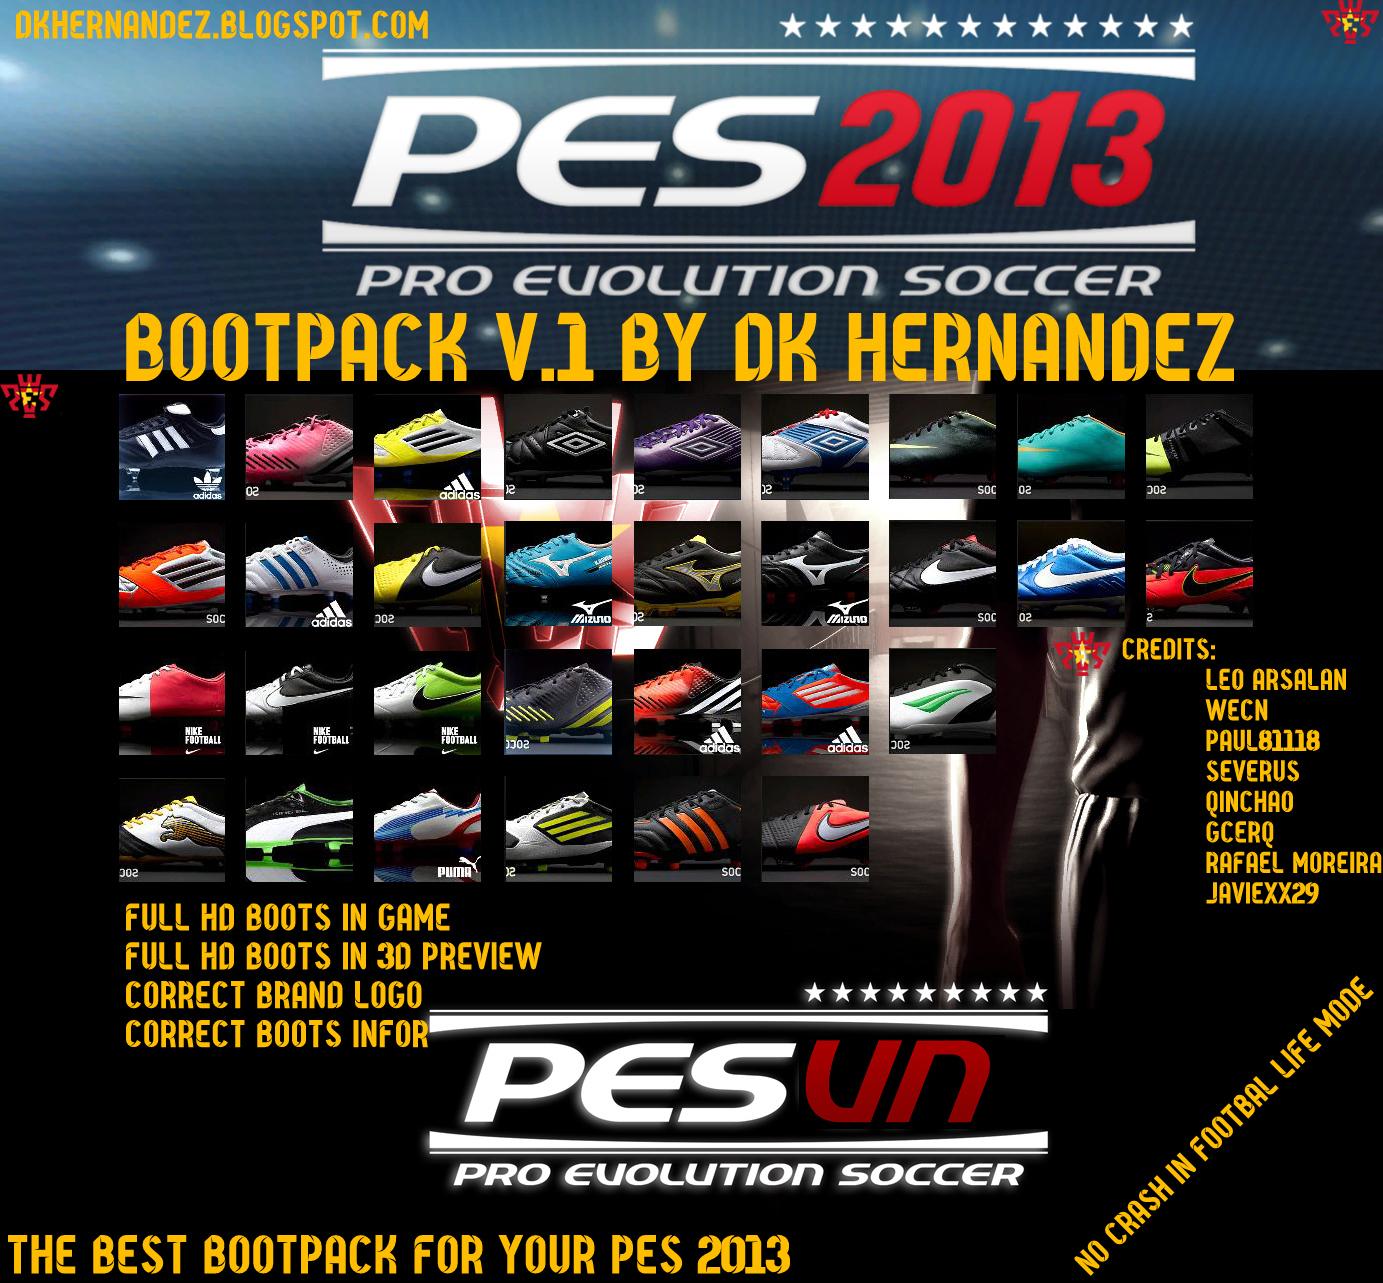 Bootpack V.1 - PES 2013